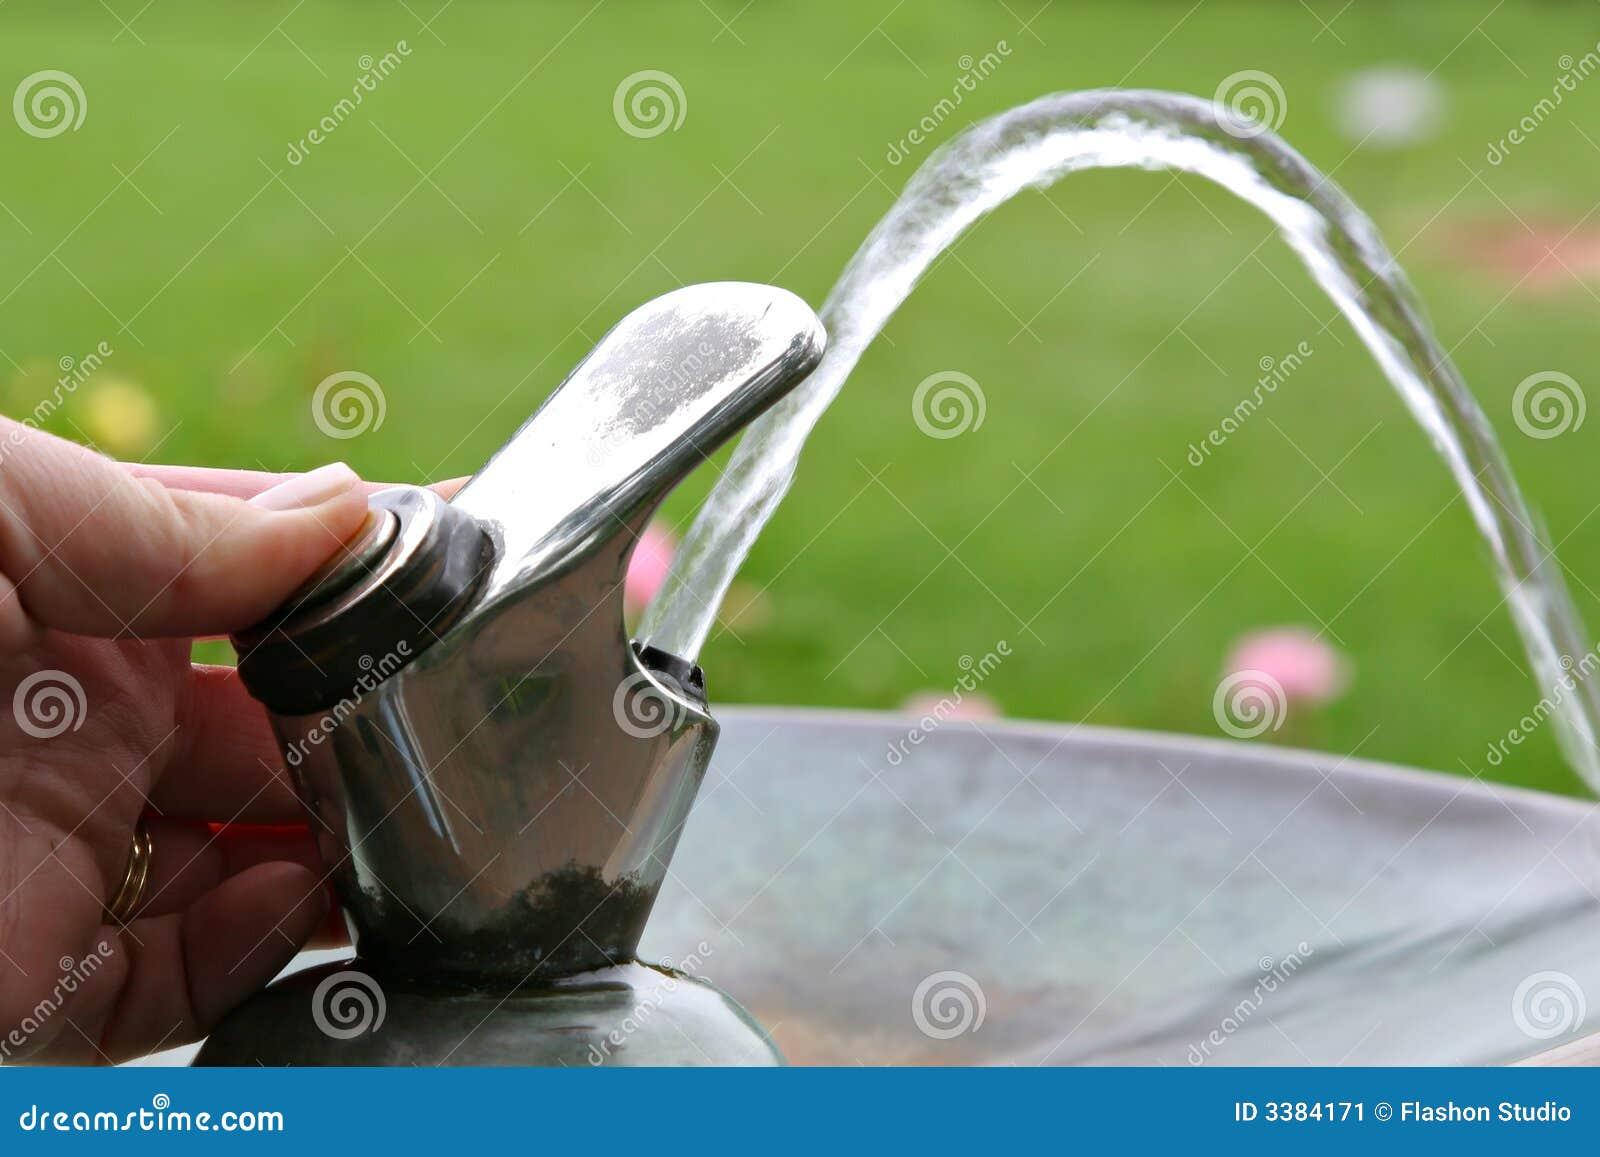 robinet de fontaine d 39 eau potable image stock image 3384171. Black Bedroom Furniture Sets. Home Design Ideas